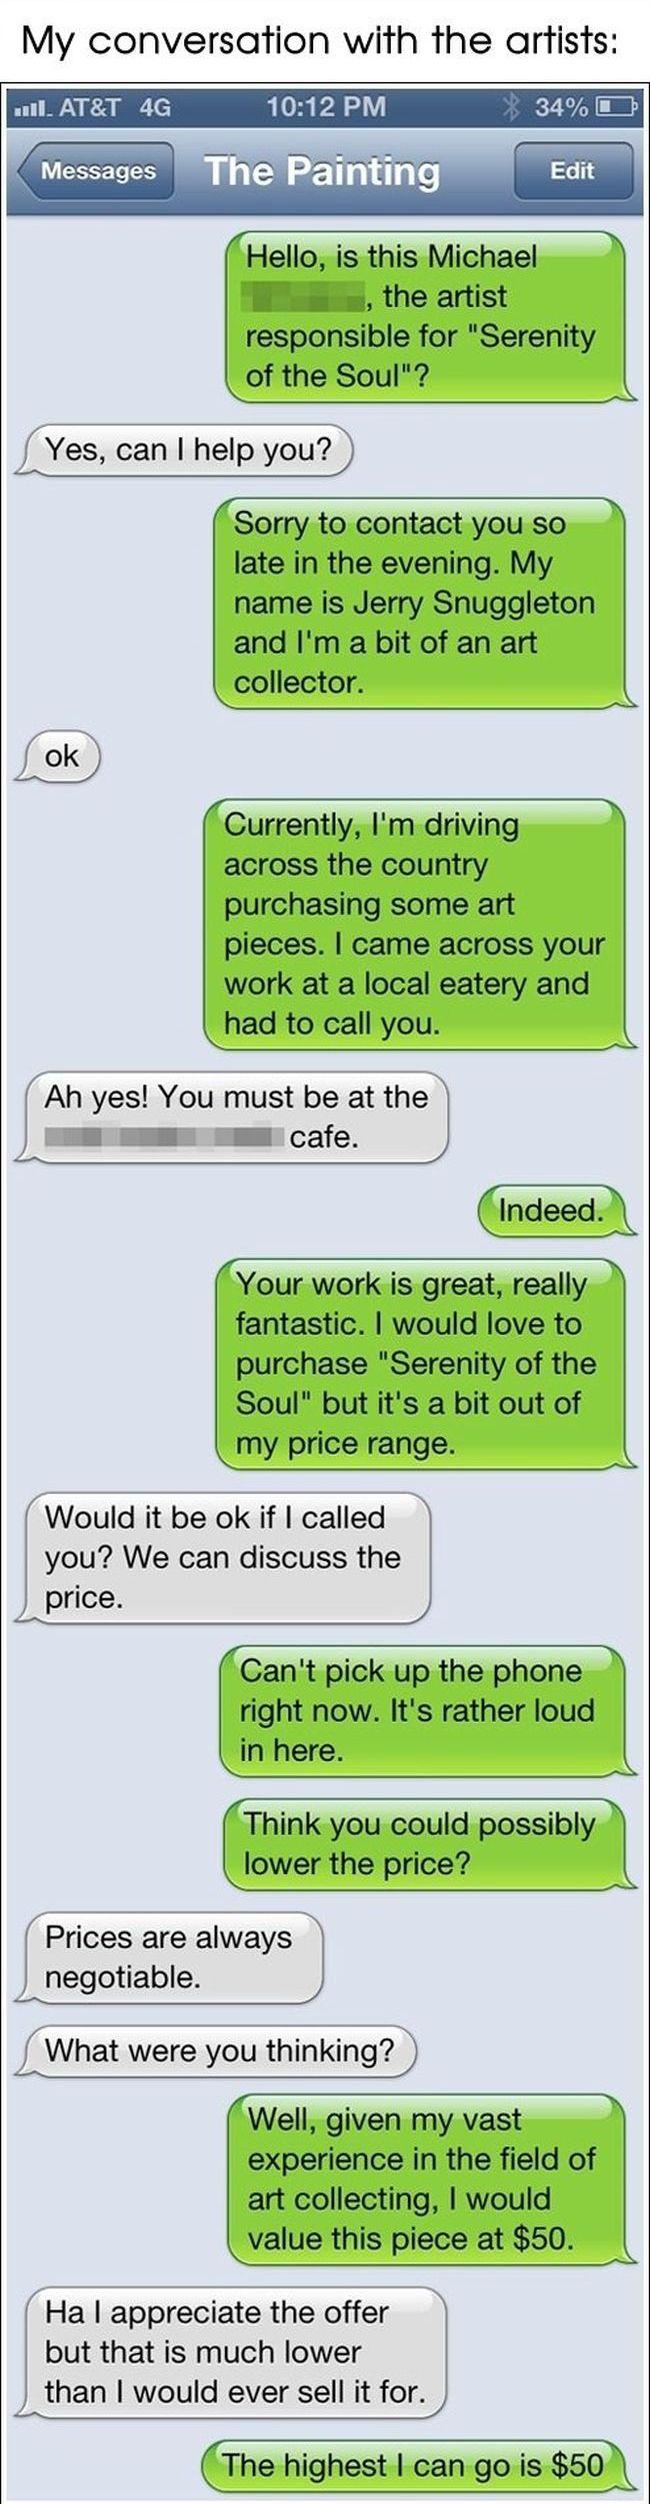 Restaurant Artist Gets Pranked